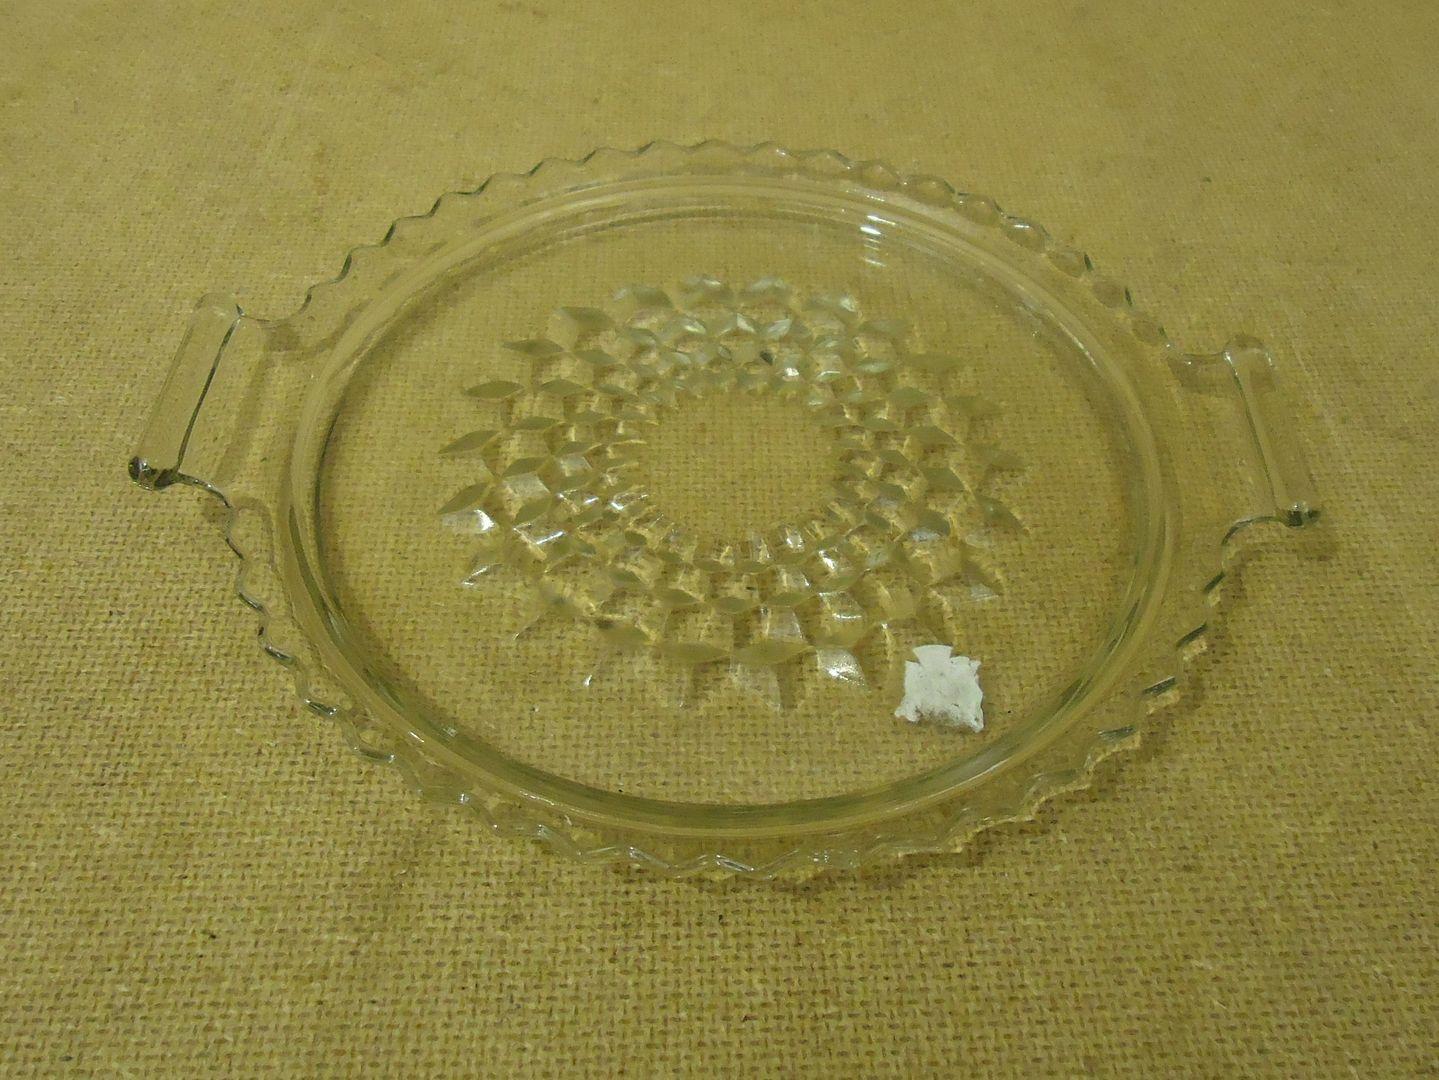 lm7410 111712-156n Designer Decorative Glass Dish 7 1/2in Diameter x 1/2in H Clear Glass